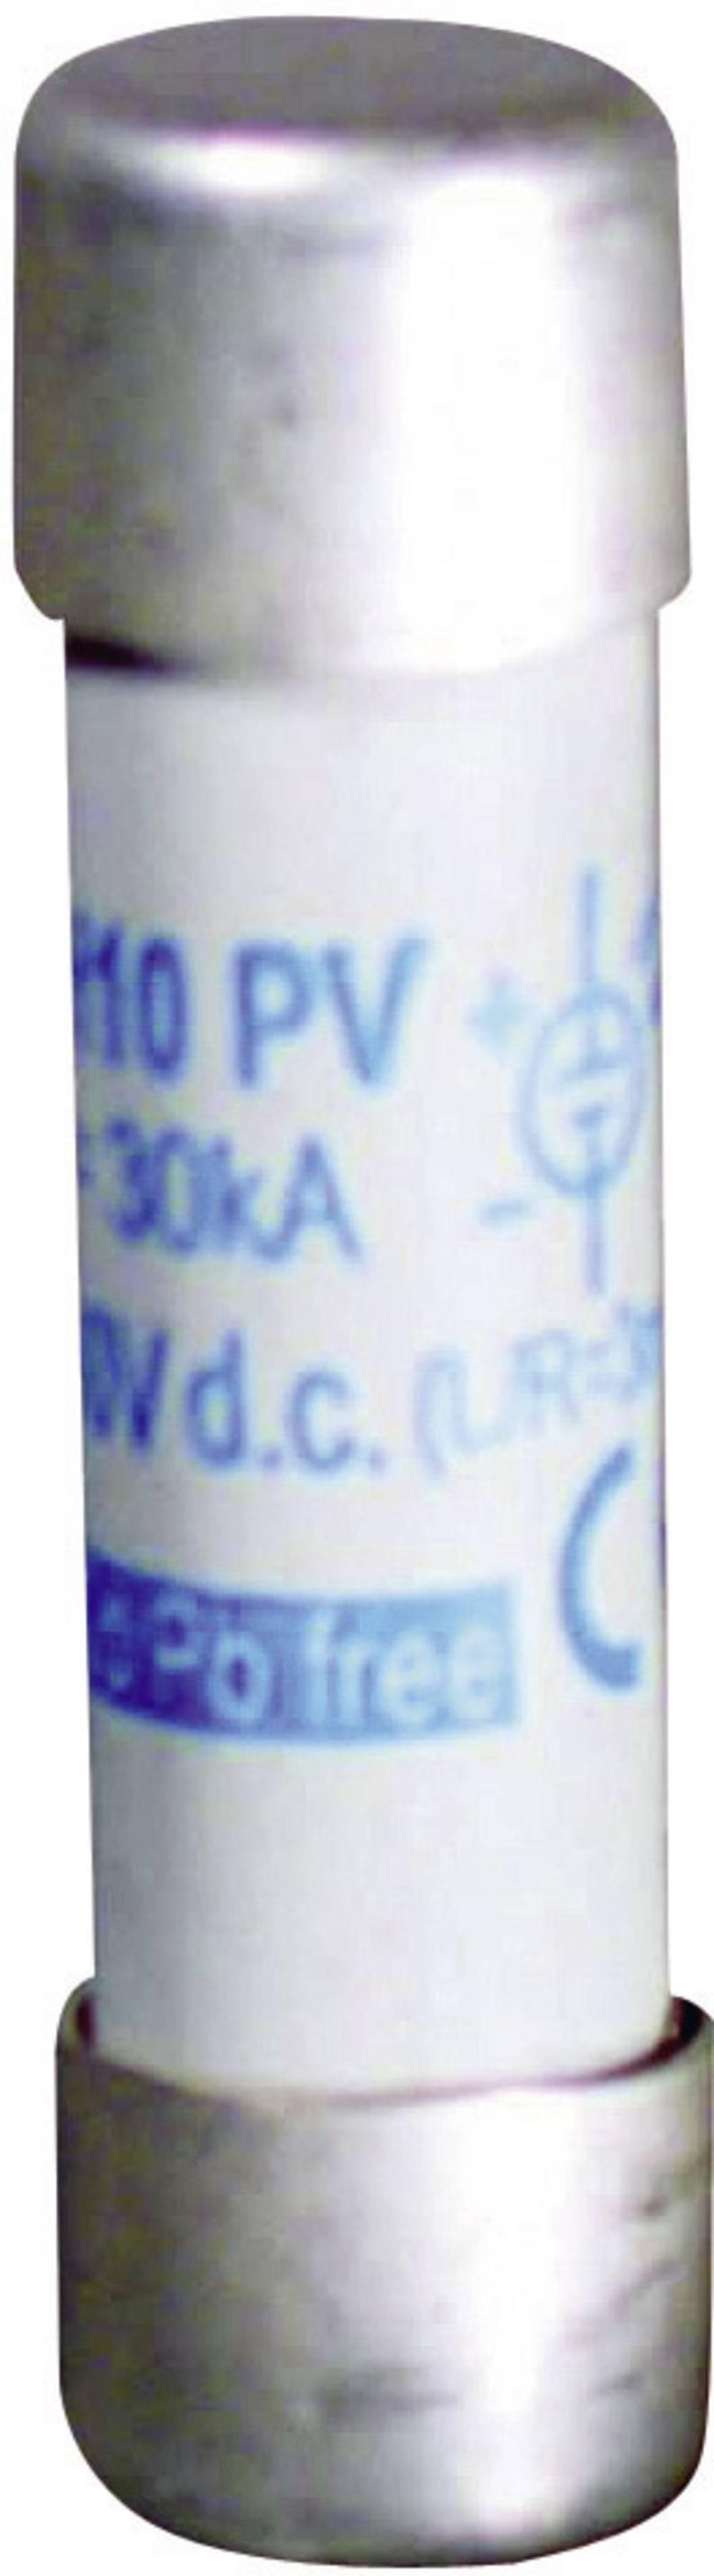 Fotovoltaični osigurač ESKA 10, 3 x 38 1038723 (O x D) 10.3 mm x 38 mm 4 A